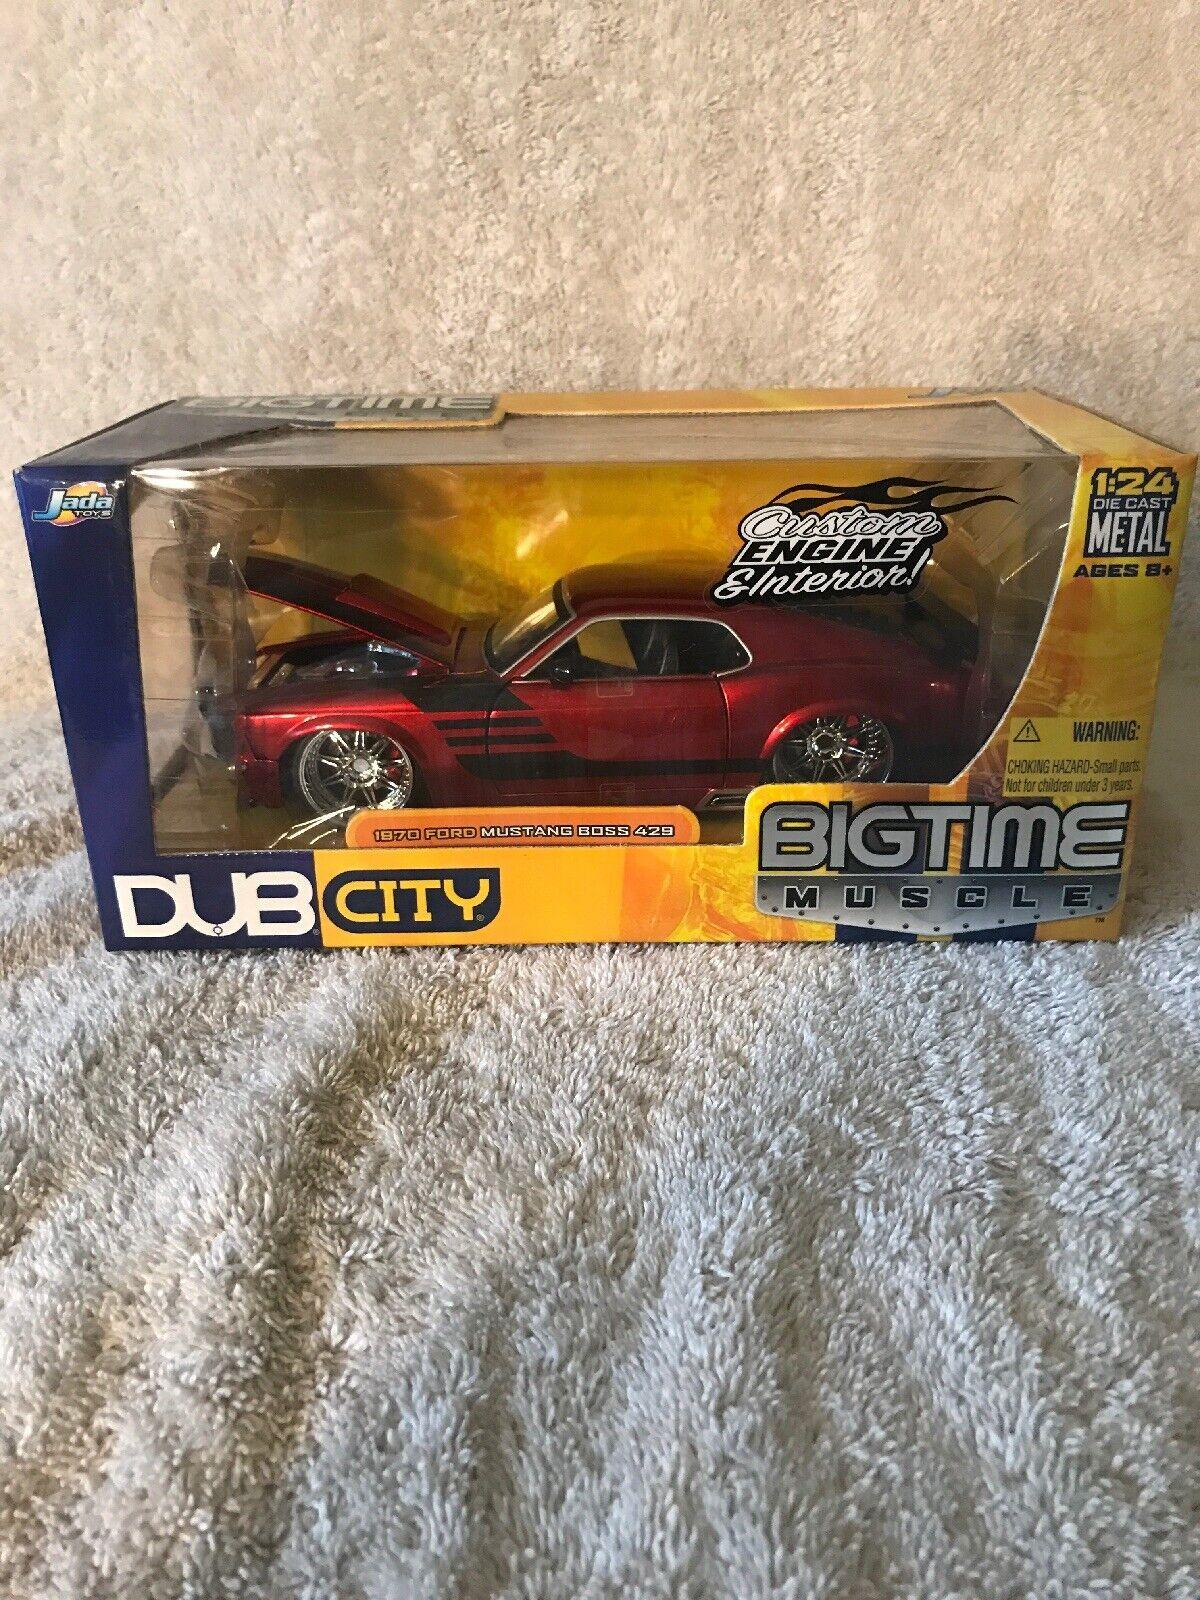 tienda de venta Jada Dub City 1 24 Rojo Rojo Rojo 1970 Ford Mustang Boss 429 Big Time Músculo Nim. Vhtf   mejor servicio